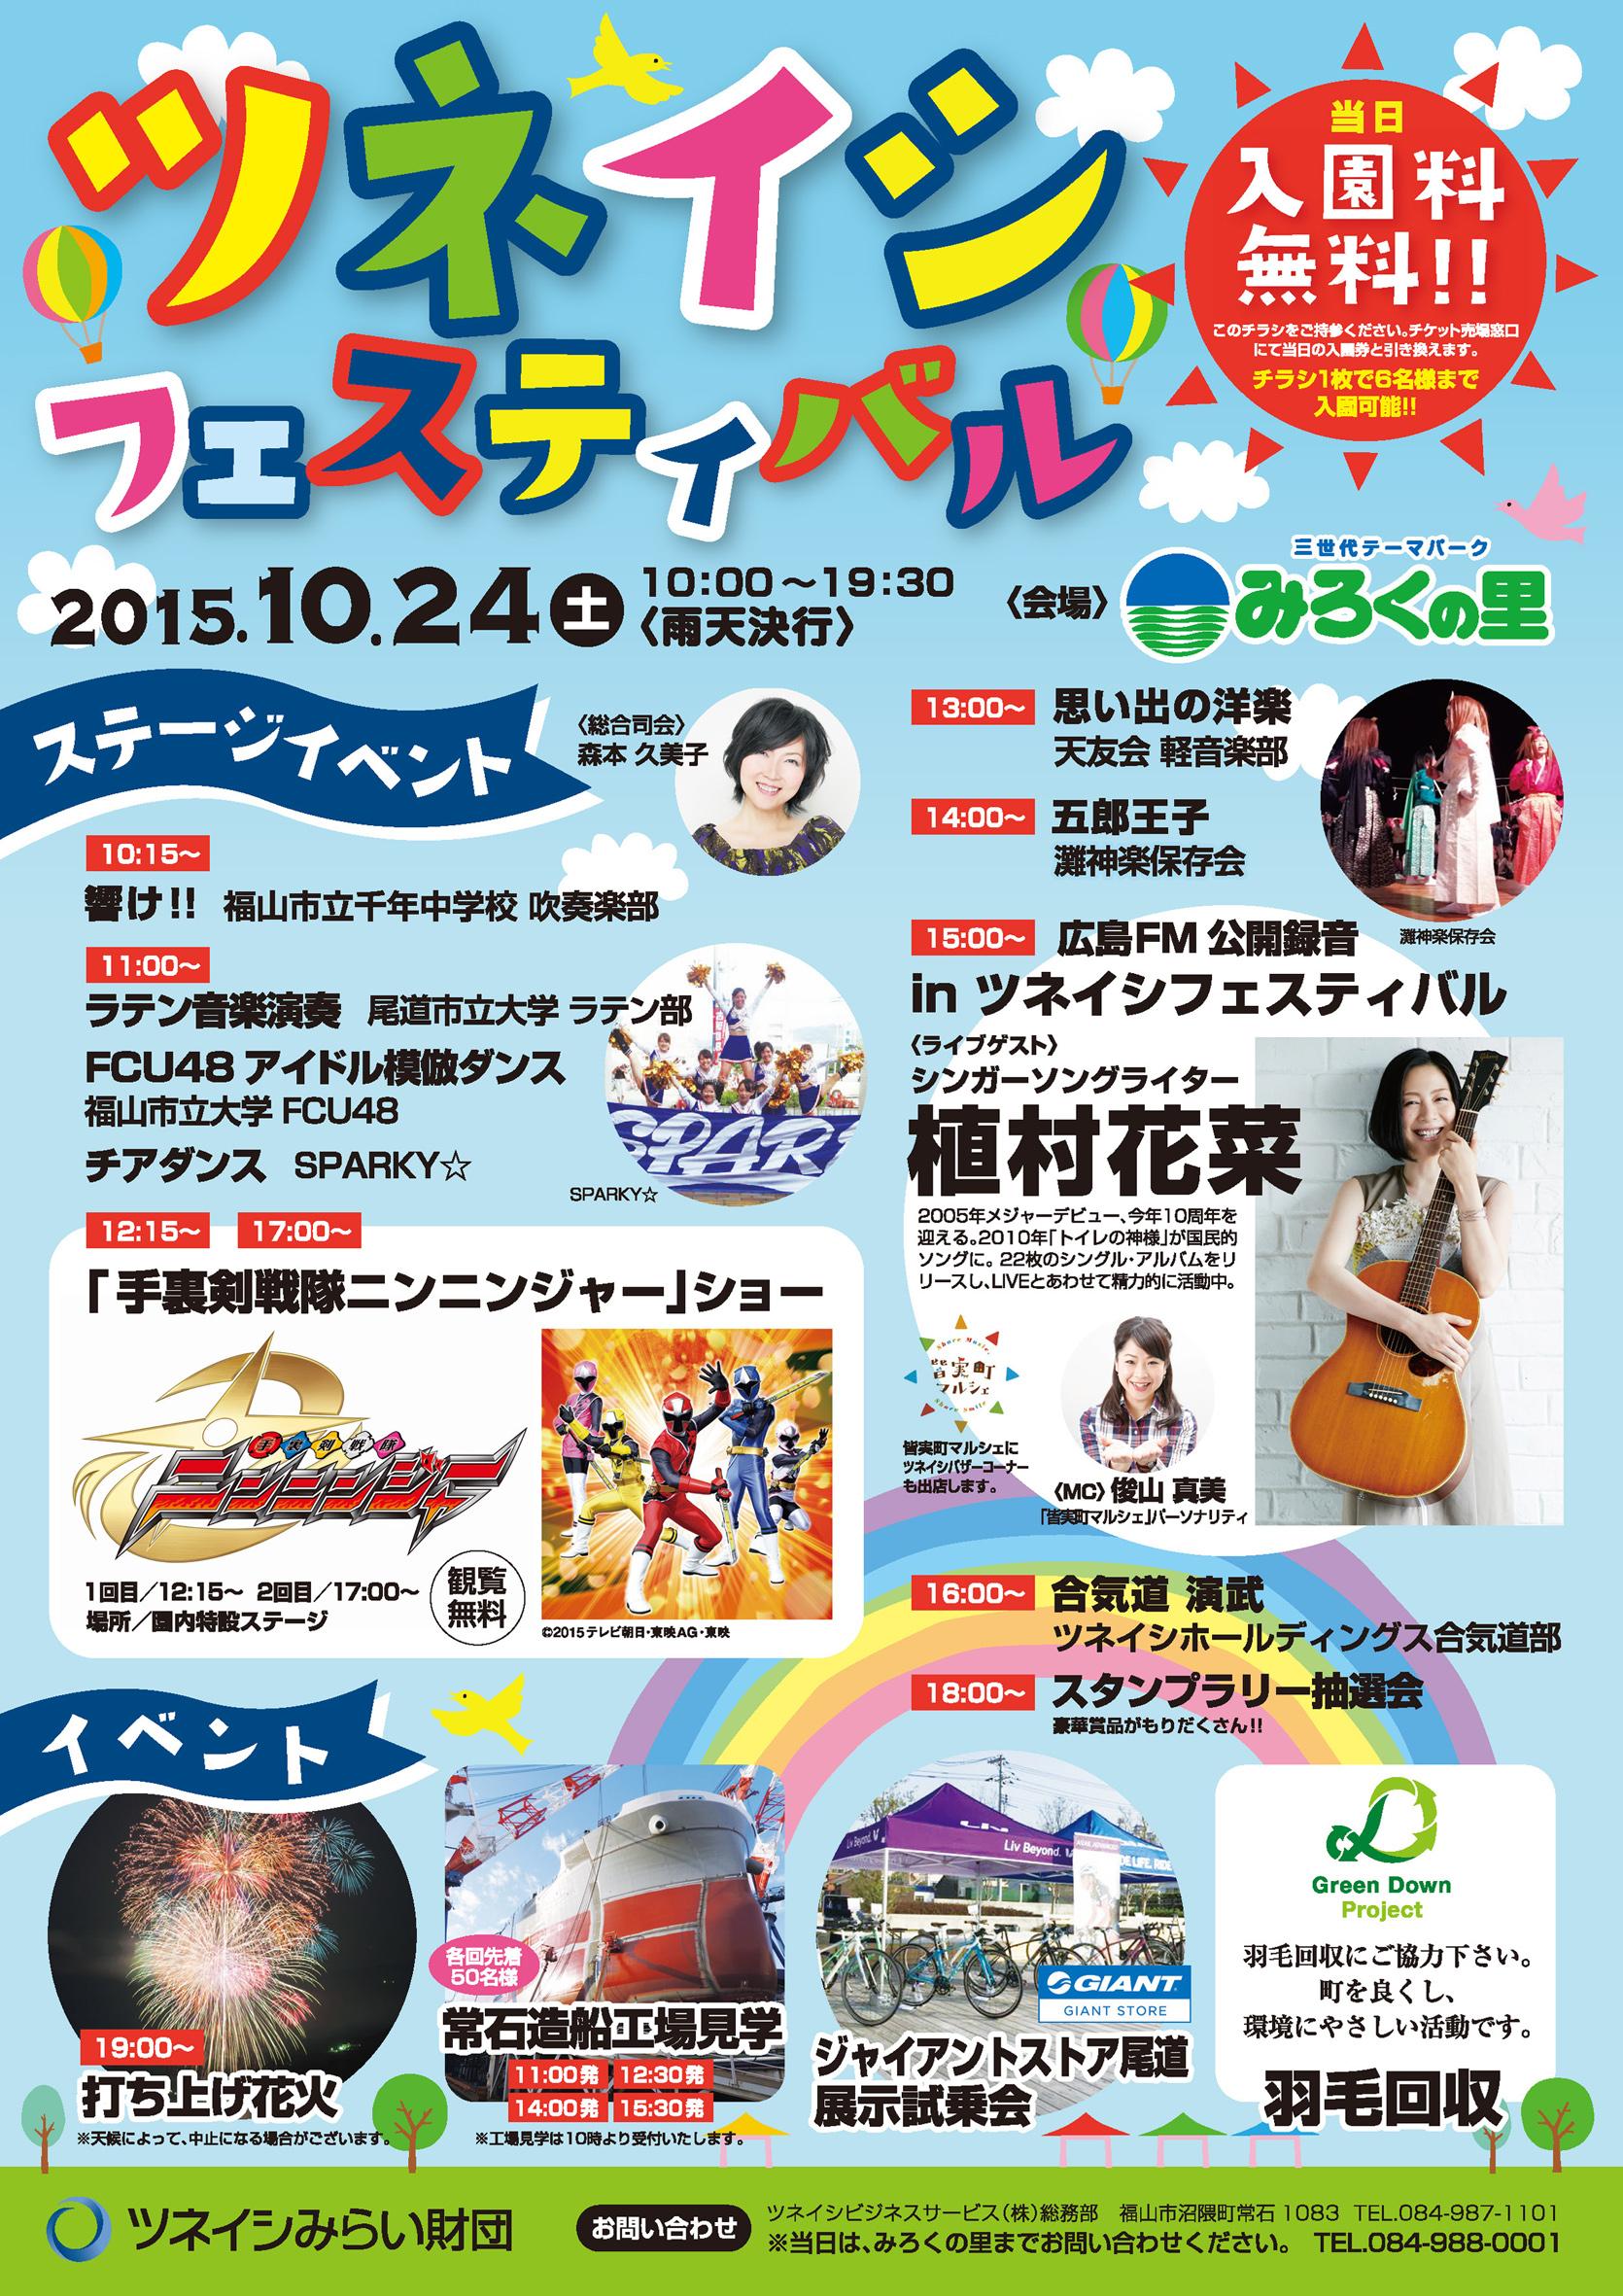 「ツネイシフェスティバル2015」10月24日(土)に開催~造船工場見学や打ち上げ花火、ステージイベントなどを開催